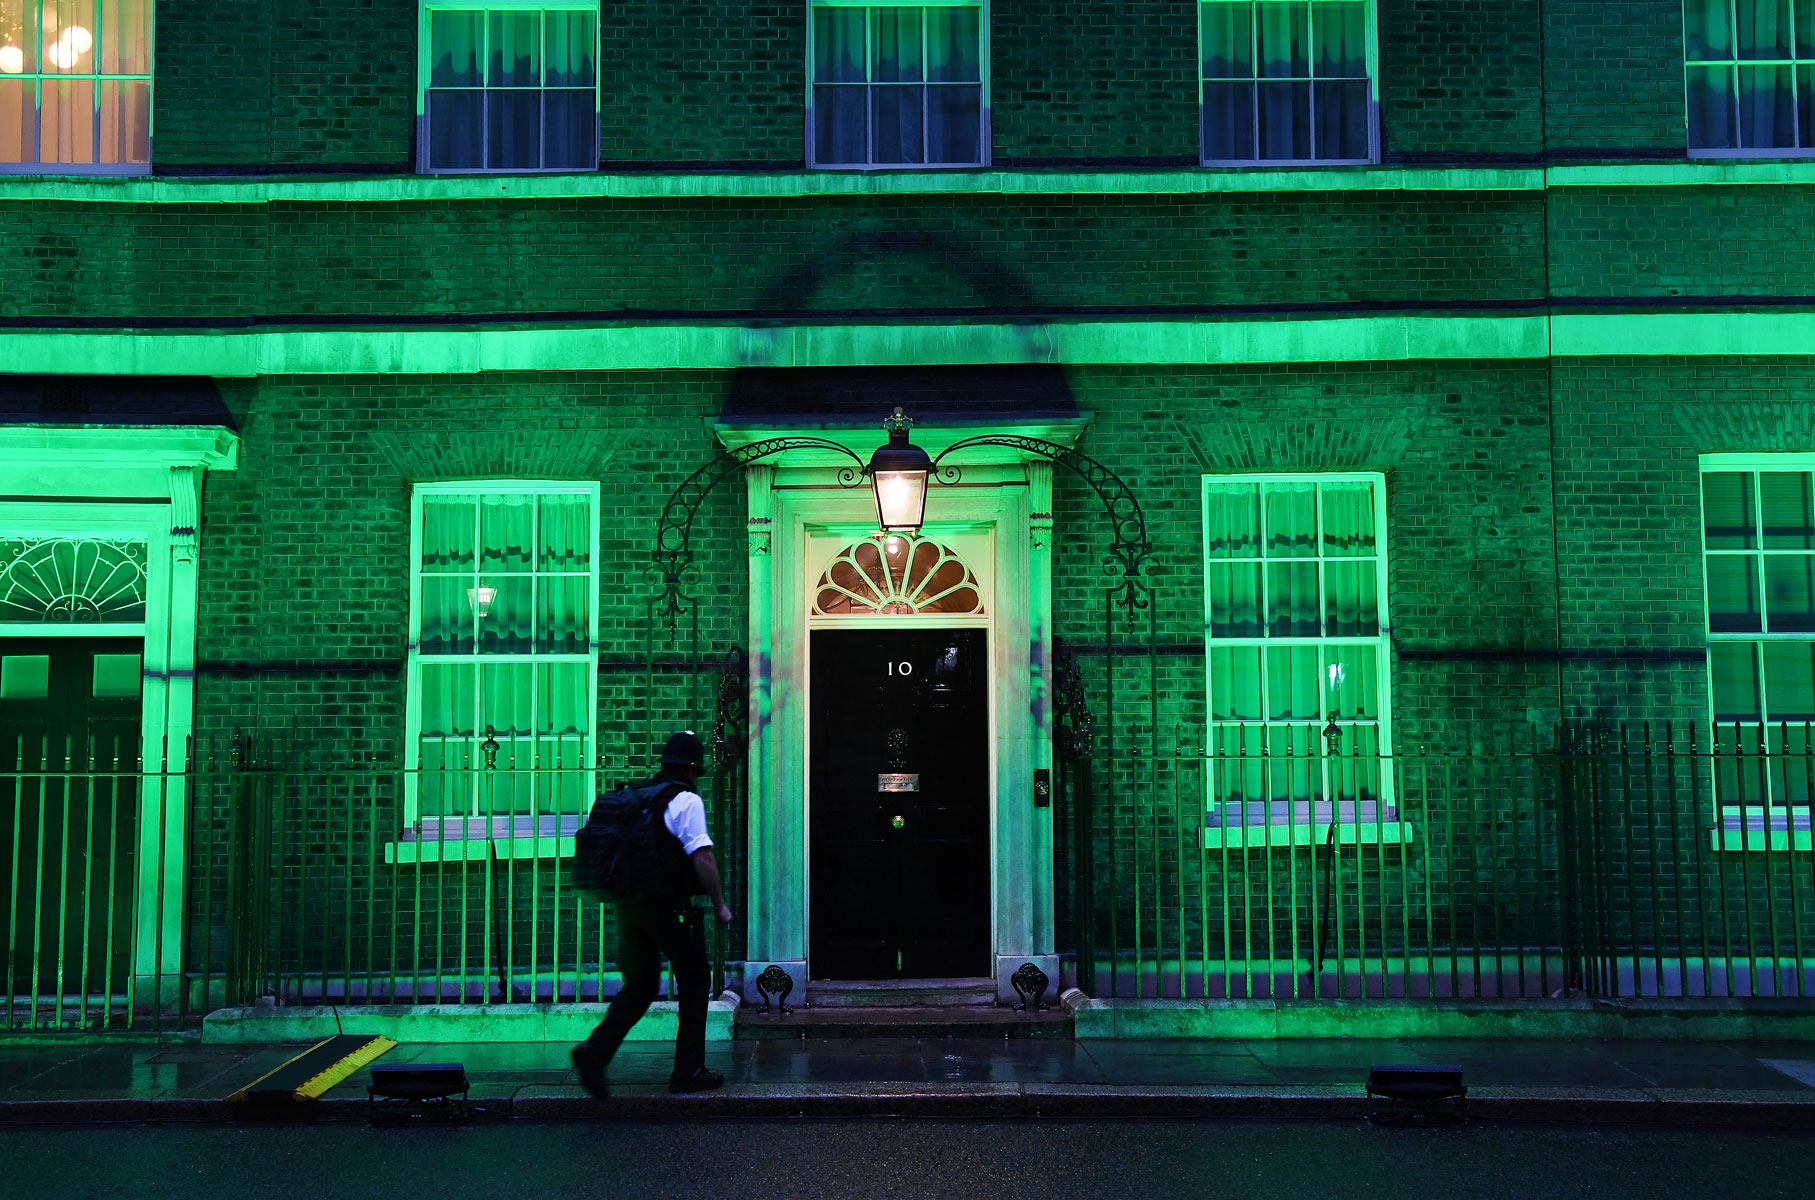 Официальная резиденция британского премьер-министра наДаунинг-стрит, 10 подсвечена зеленым цветом впамять ожертвах пожара влондонской башне Grenfell Tower. Смомента трагедии, унесшей жизни 72 человек, прошло два года